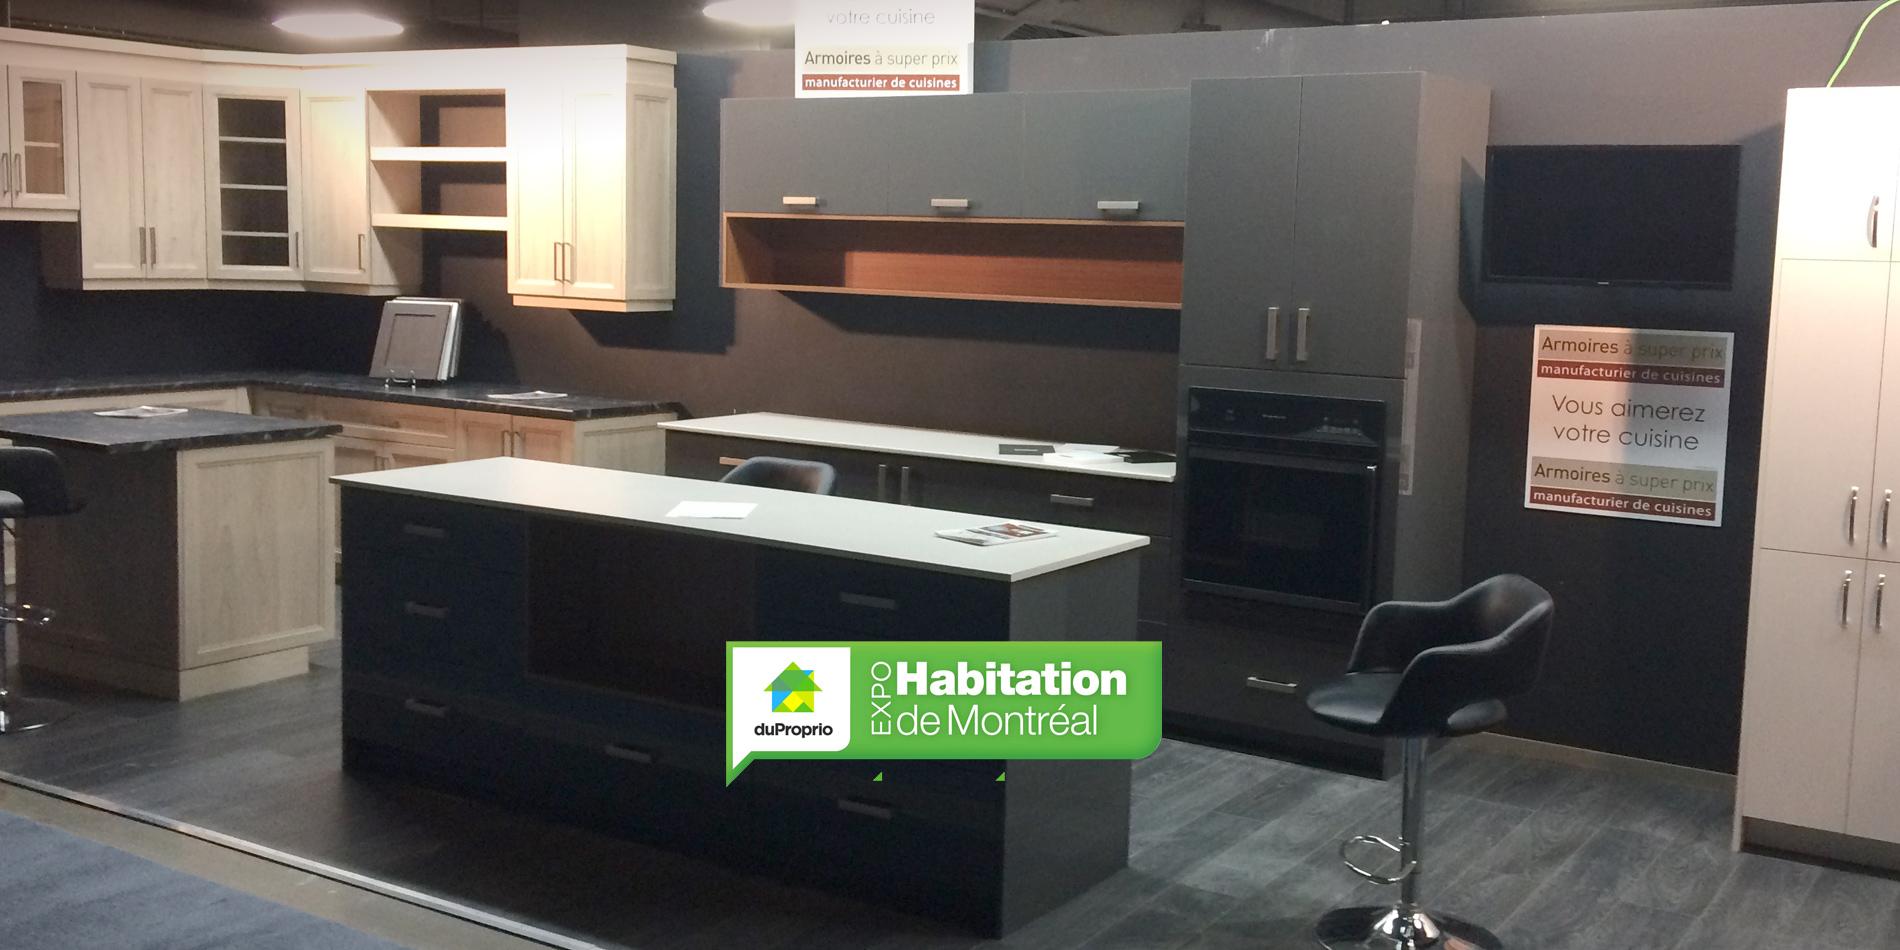 Visitez nous expo habitation de montr al armoires for Accessoires de cuisine montreal